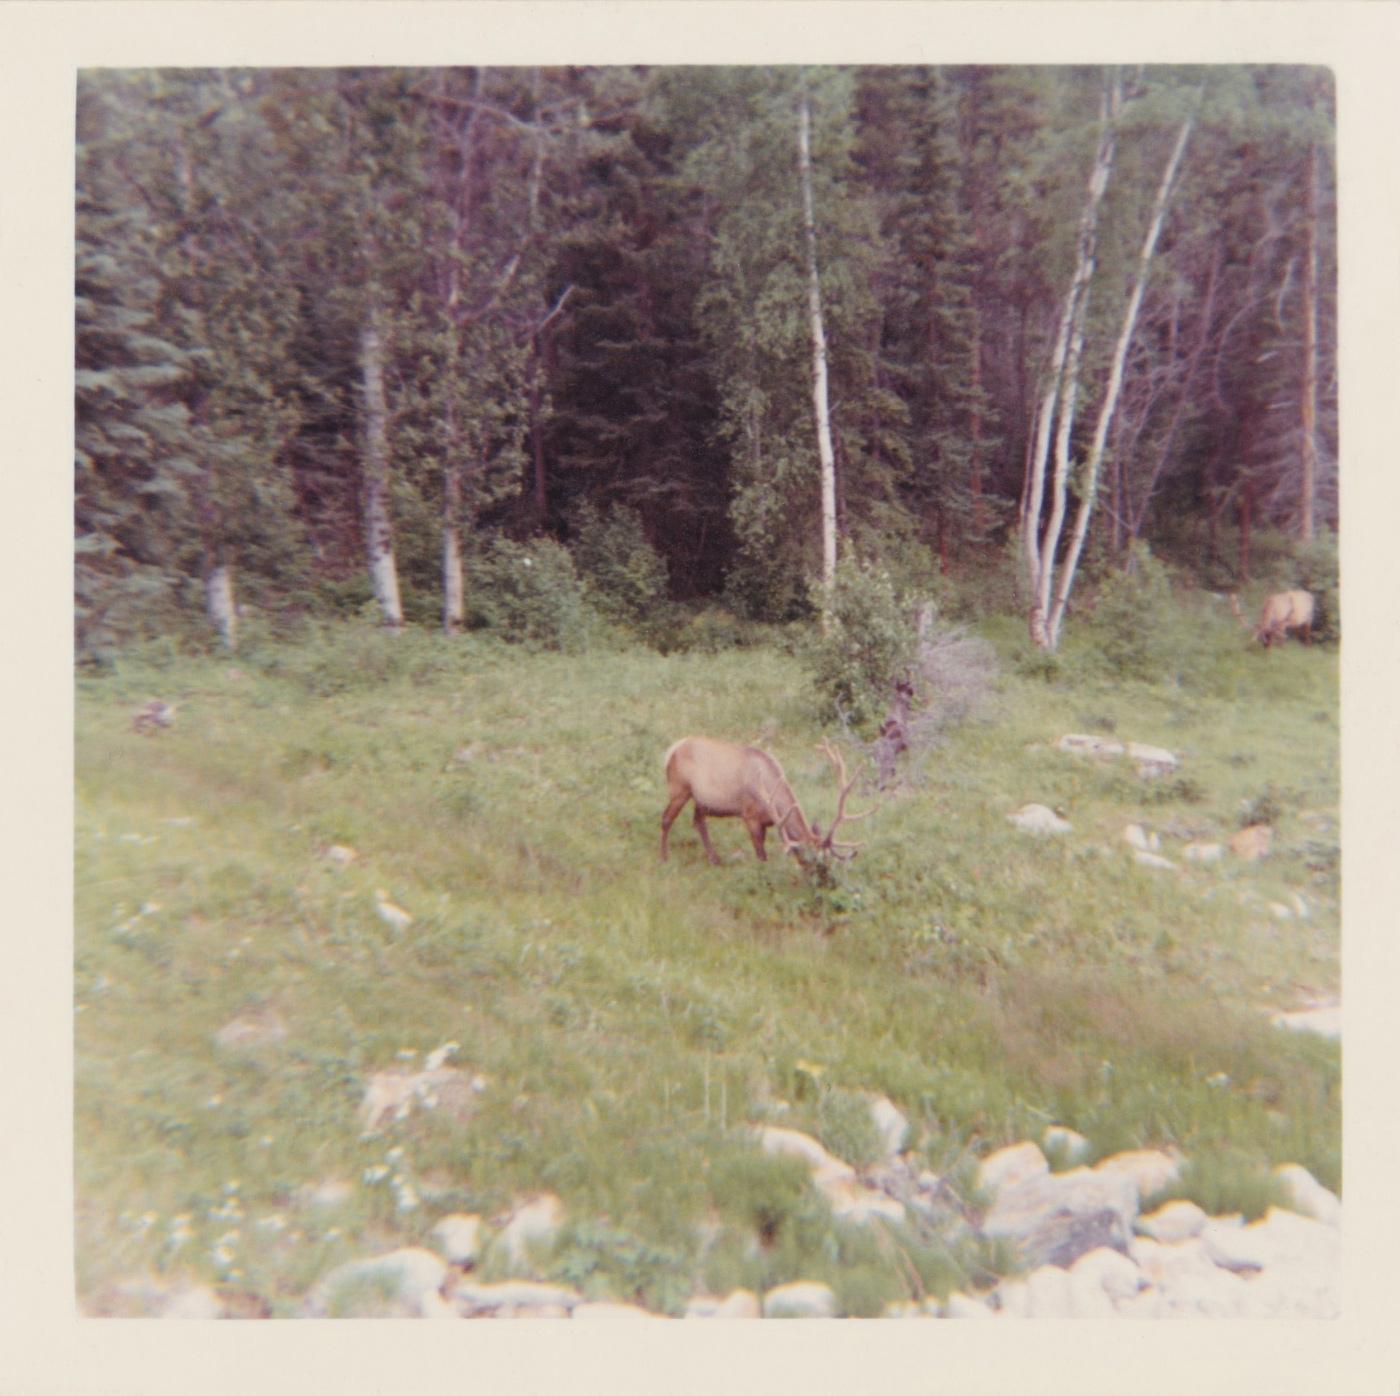 Elk feeding on grass